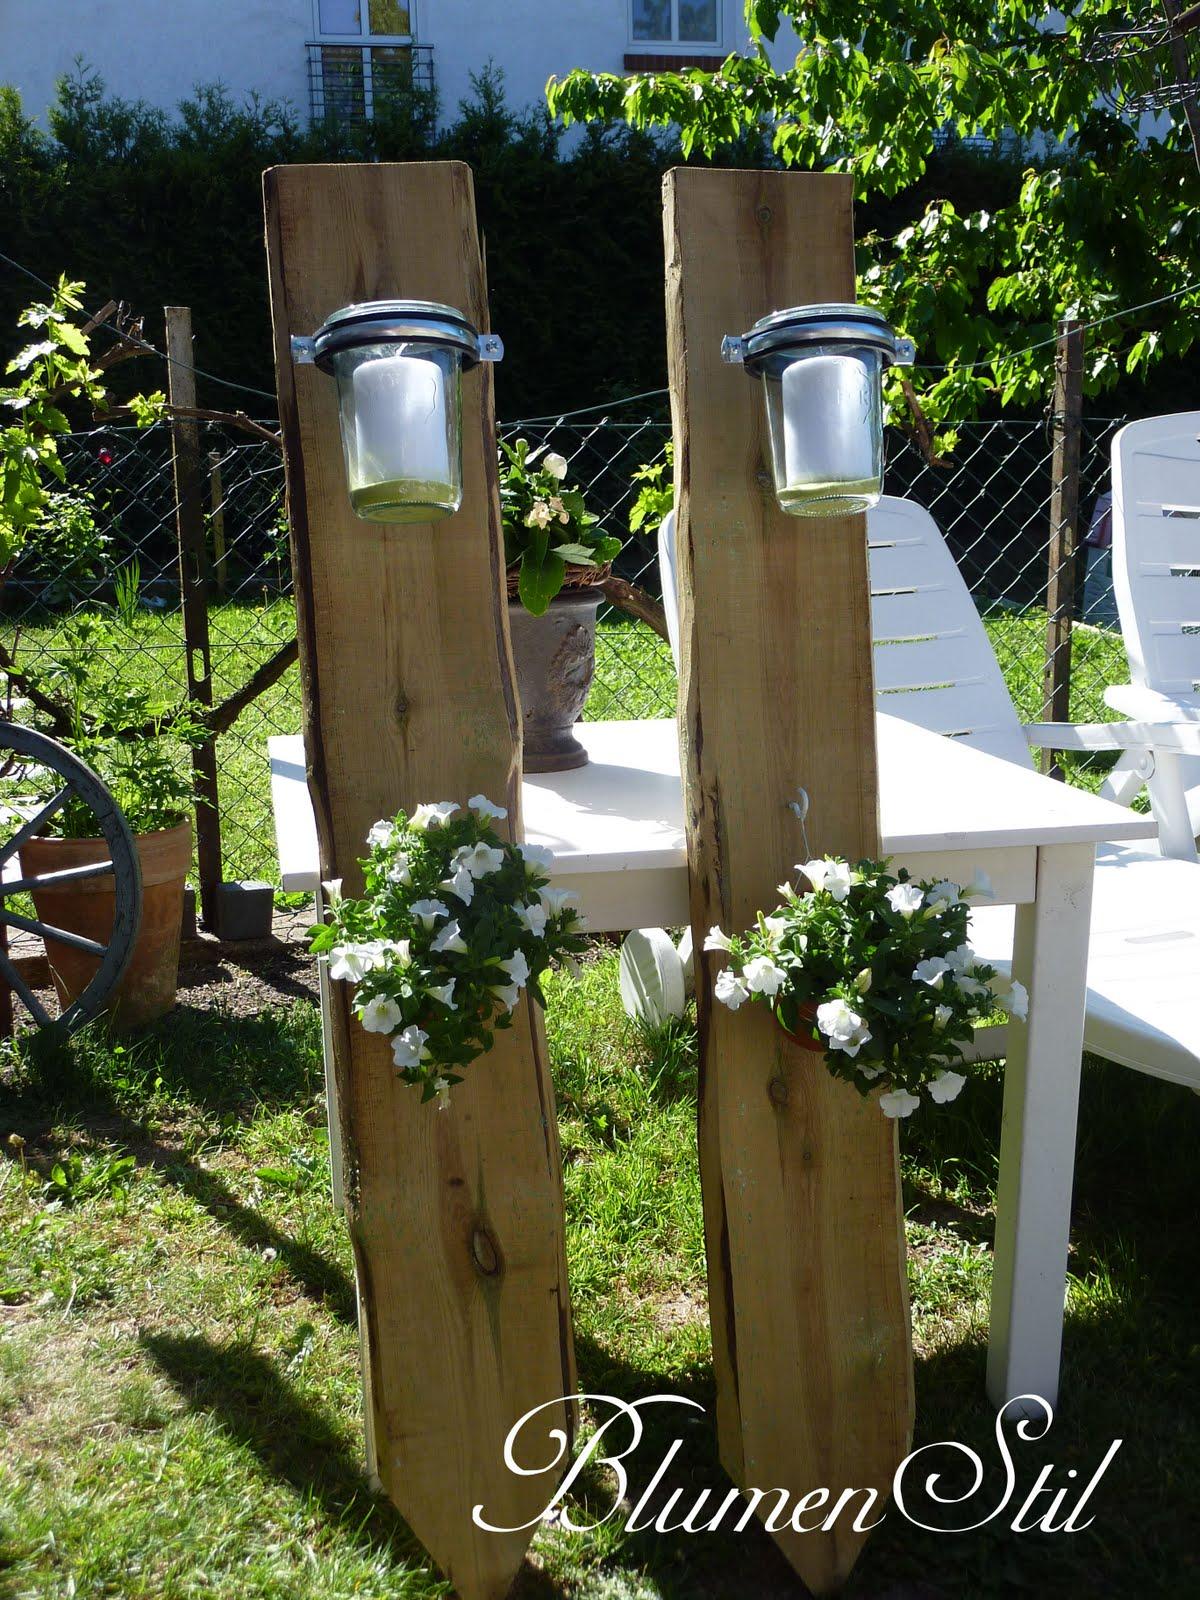 Schöne Gartendeko, blumenstil: muttertag!!!, Design ideen